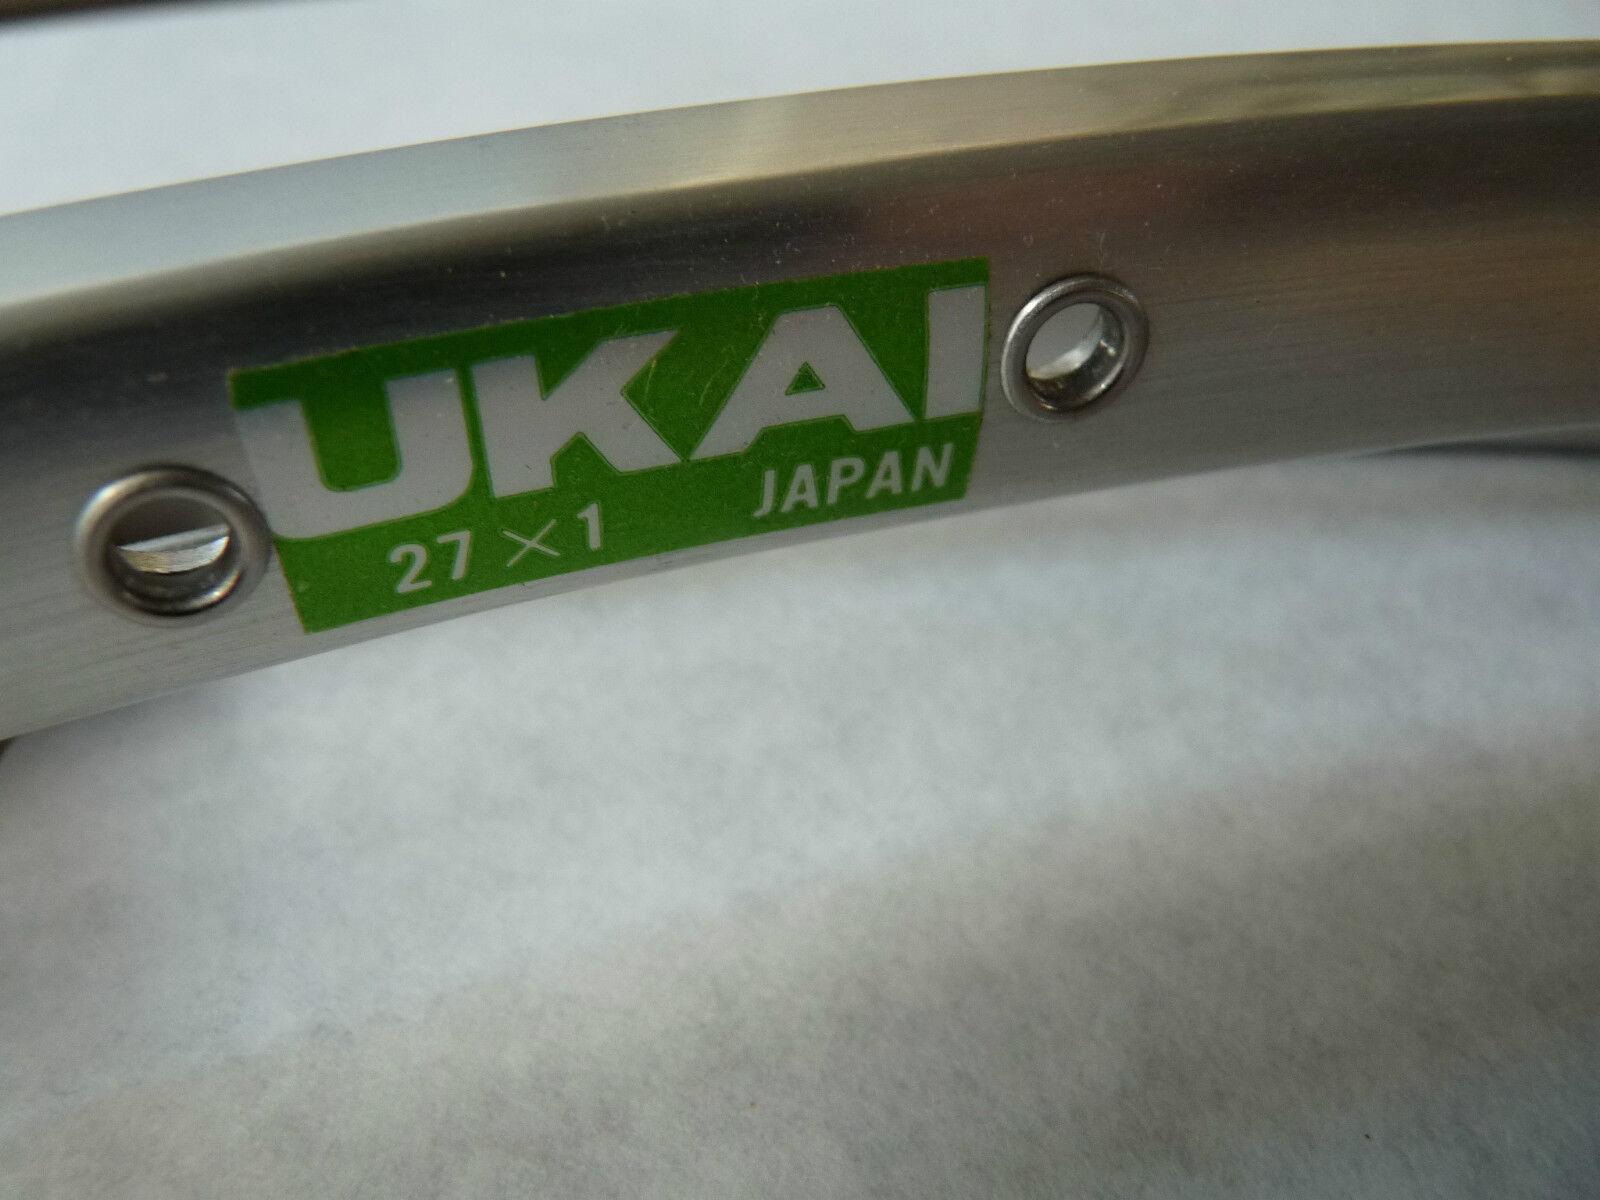 Llanta Ukai 27  X 1 48 agujero Remachador solo  tándem  20Mm ancho  Modelo 21A Nuevo Viejo Stock